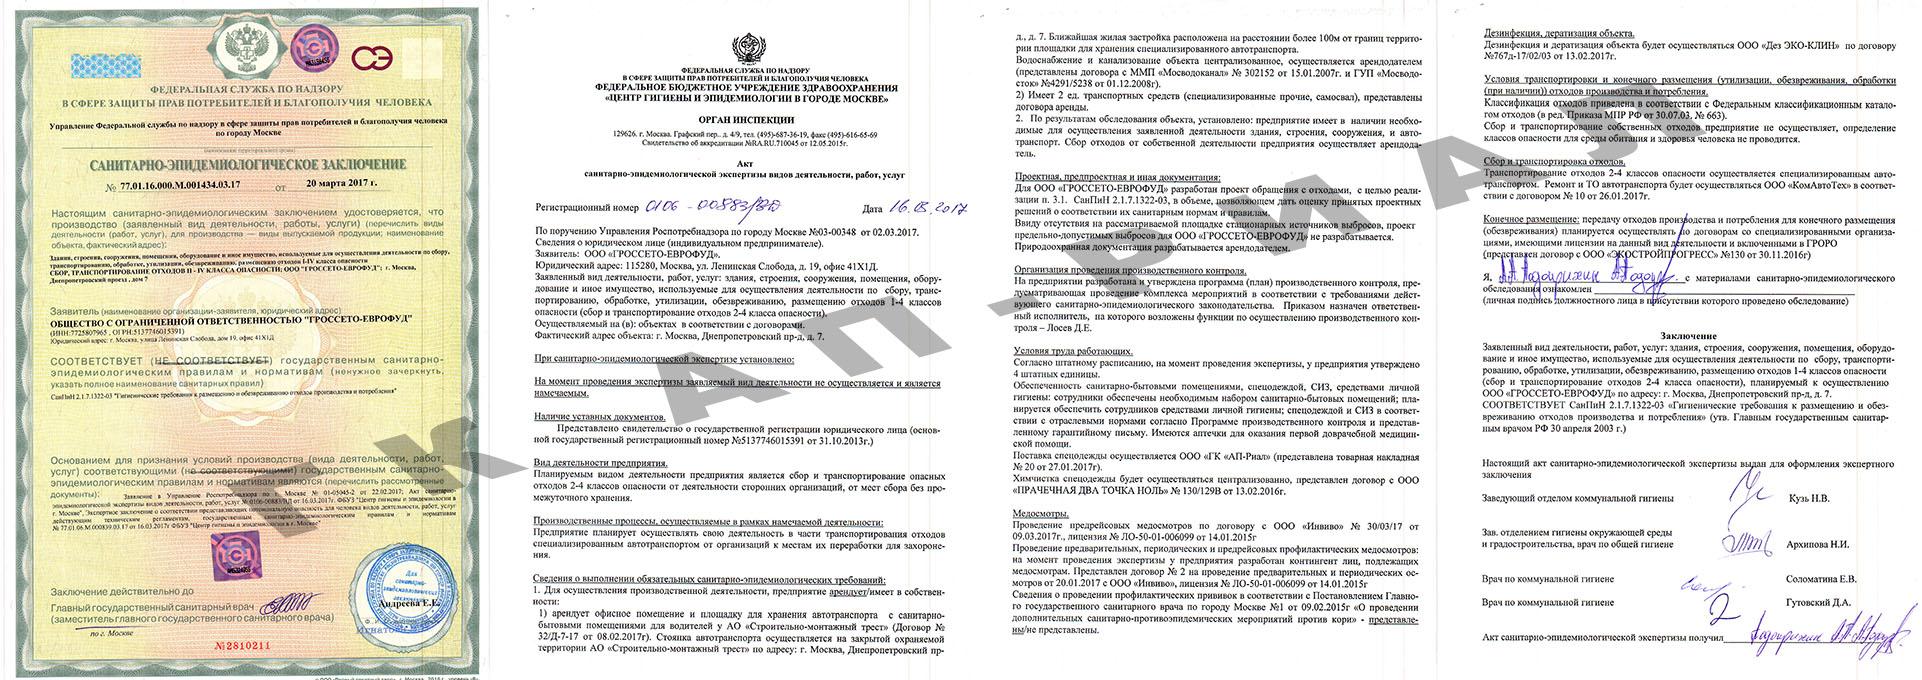 Санитарно-эпидемиологическое заключение на отходы ООО Гроссето-Еврофуд